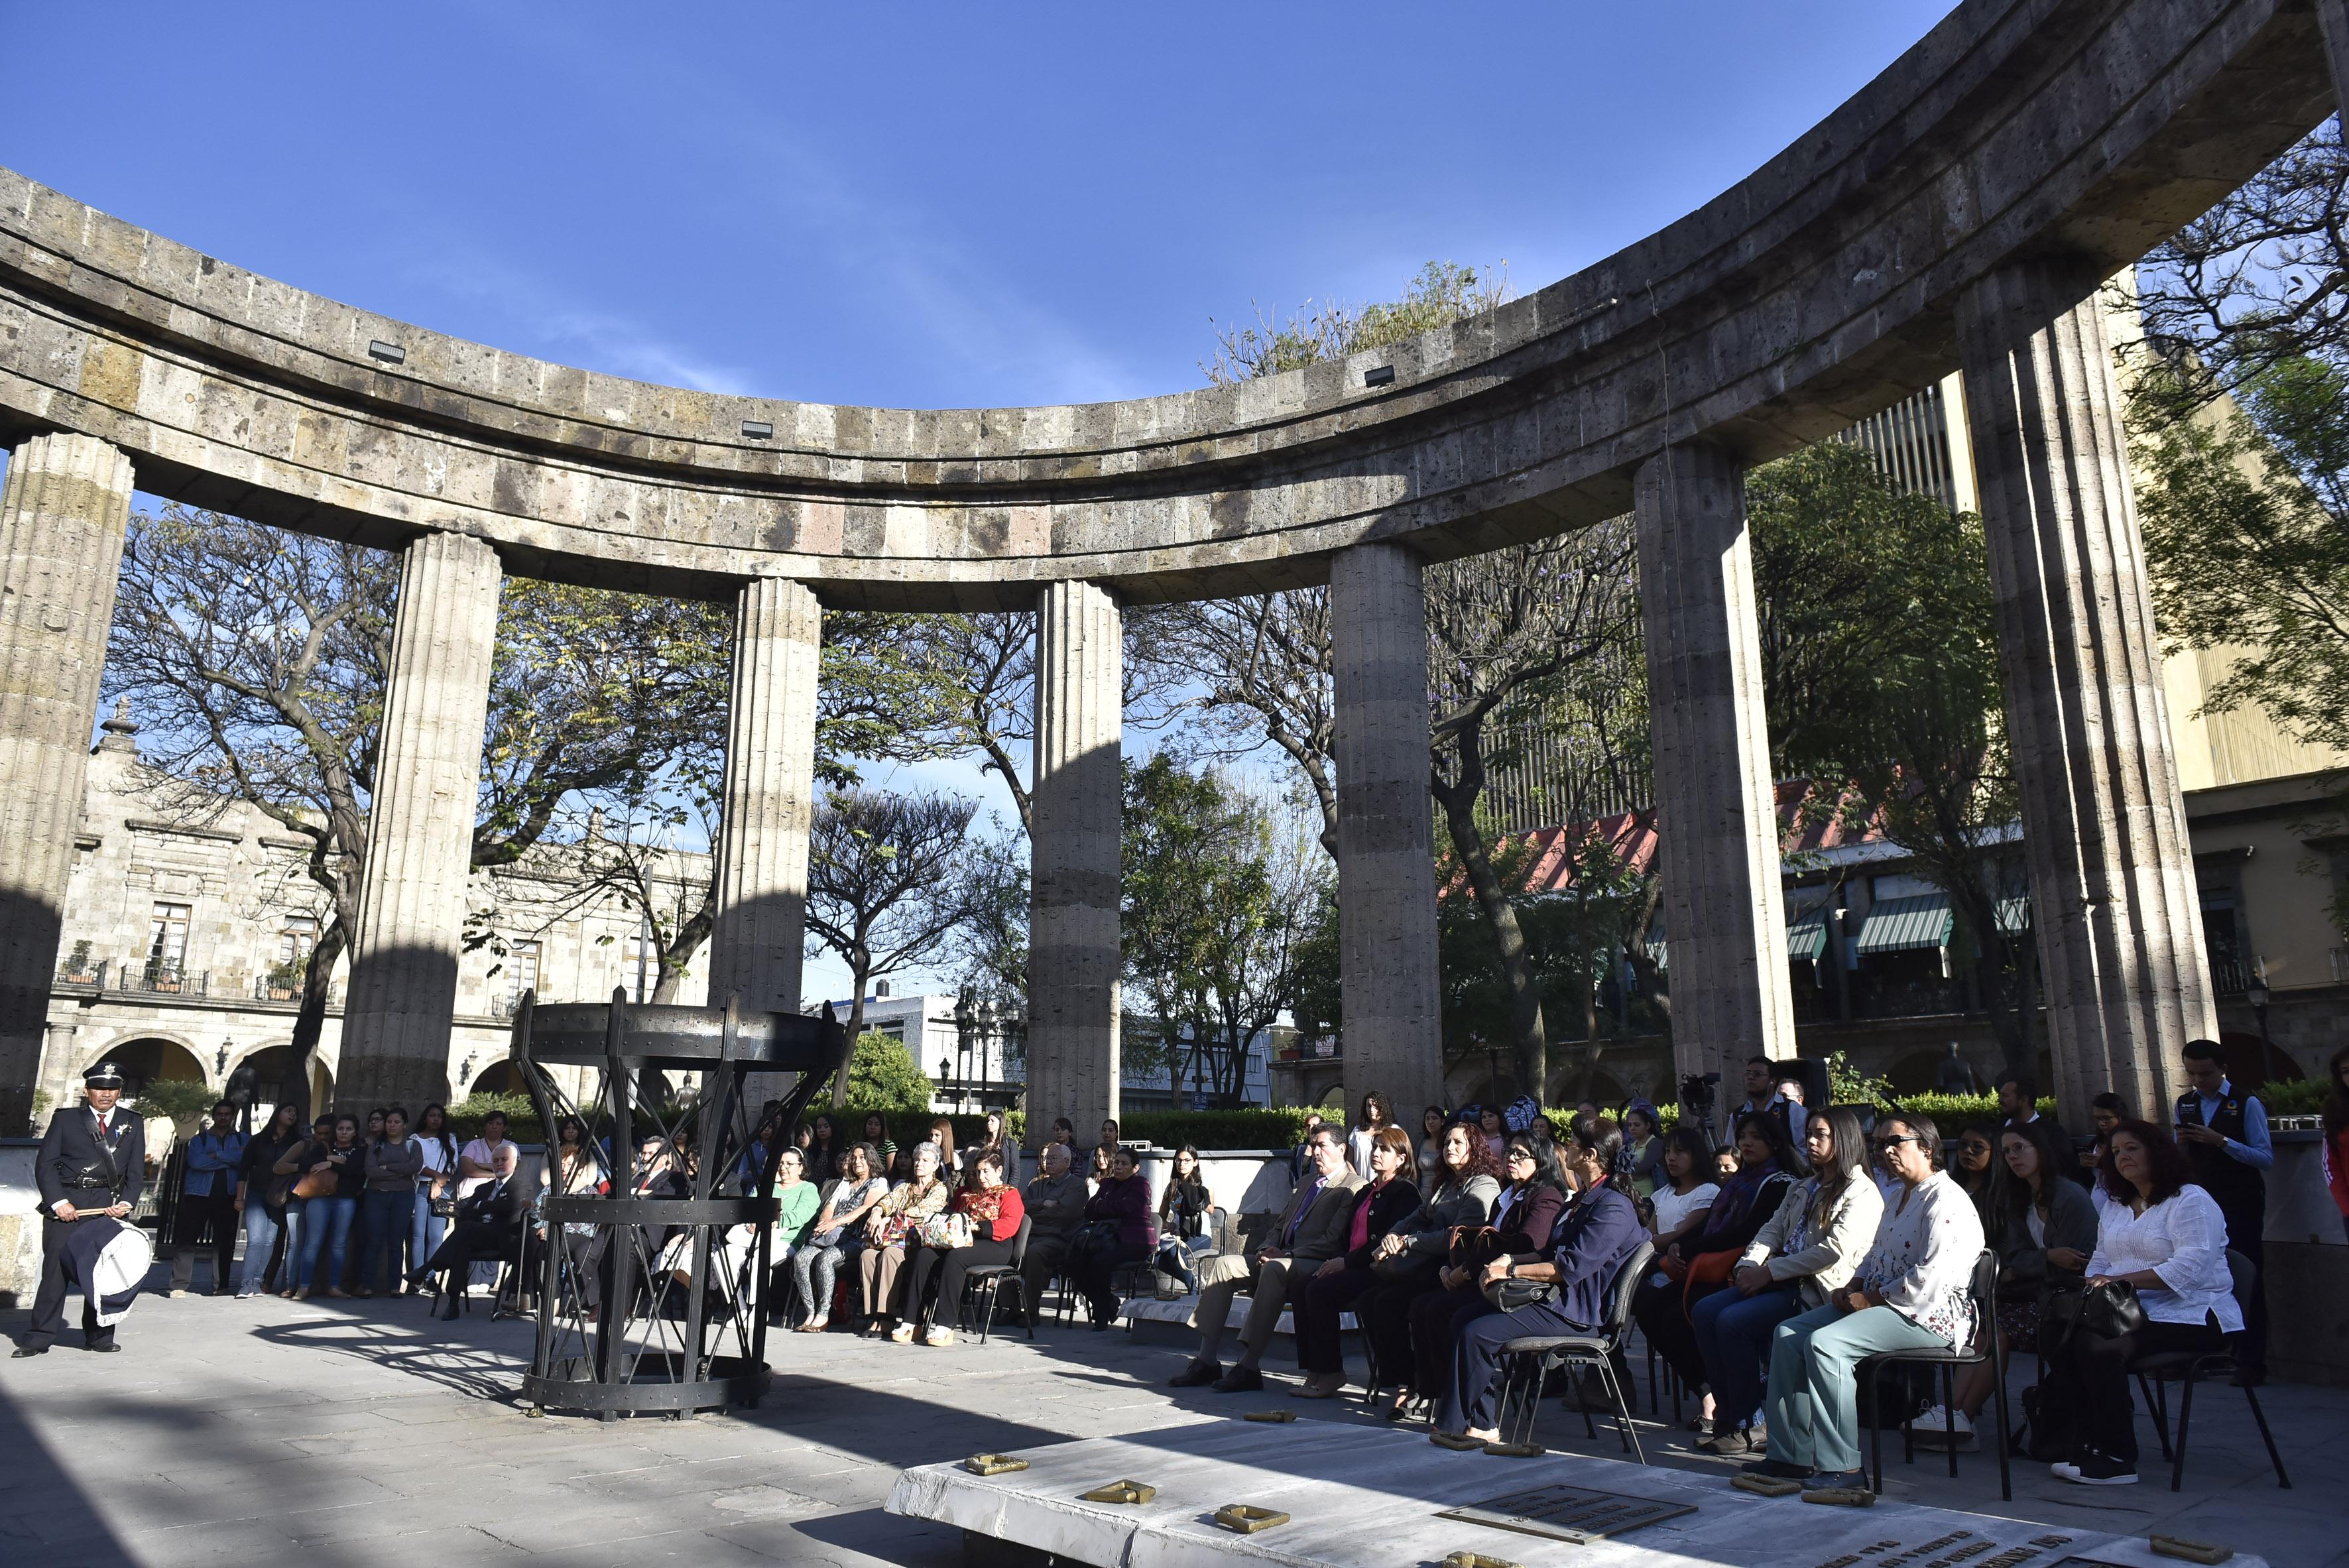 Autoridades universitarias, estudiantes y licenciados en Trabajo Social reunidos en la Rotonda de los Hombres Ilustres, en conmemoración del 137 aniversario del natalicio de Irene Robledo García.